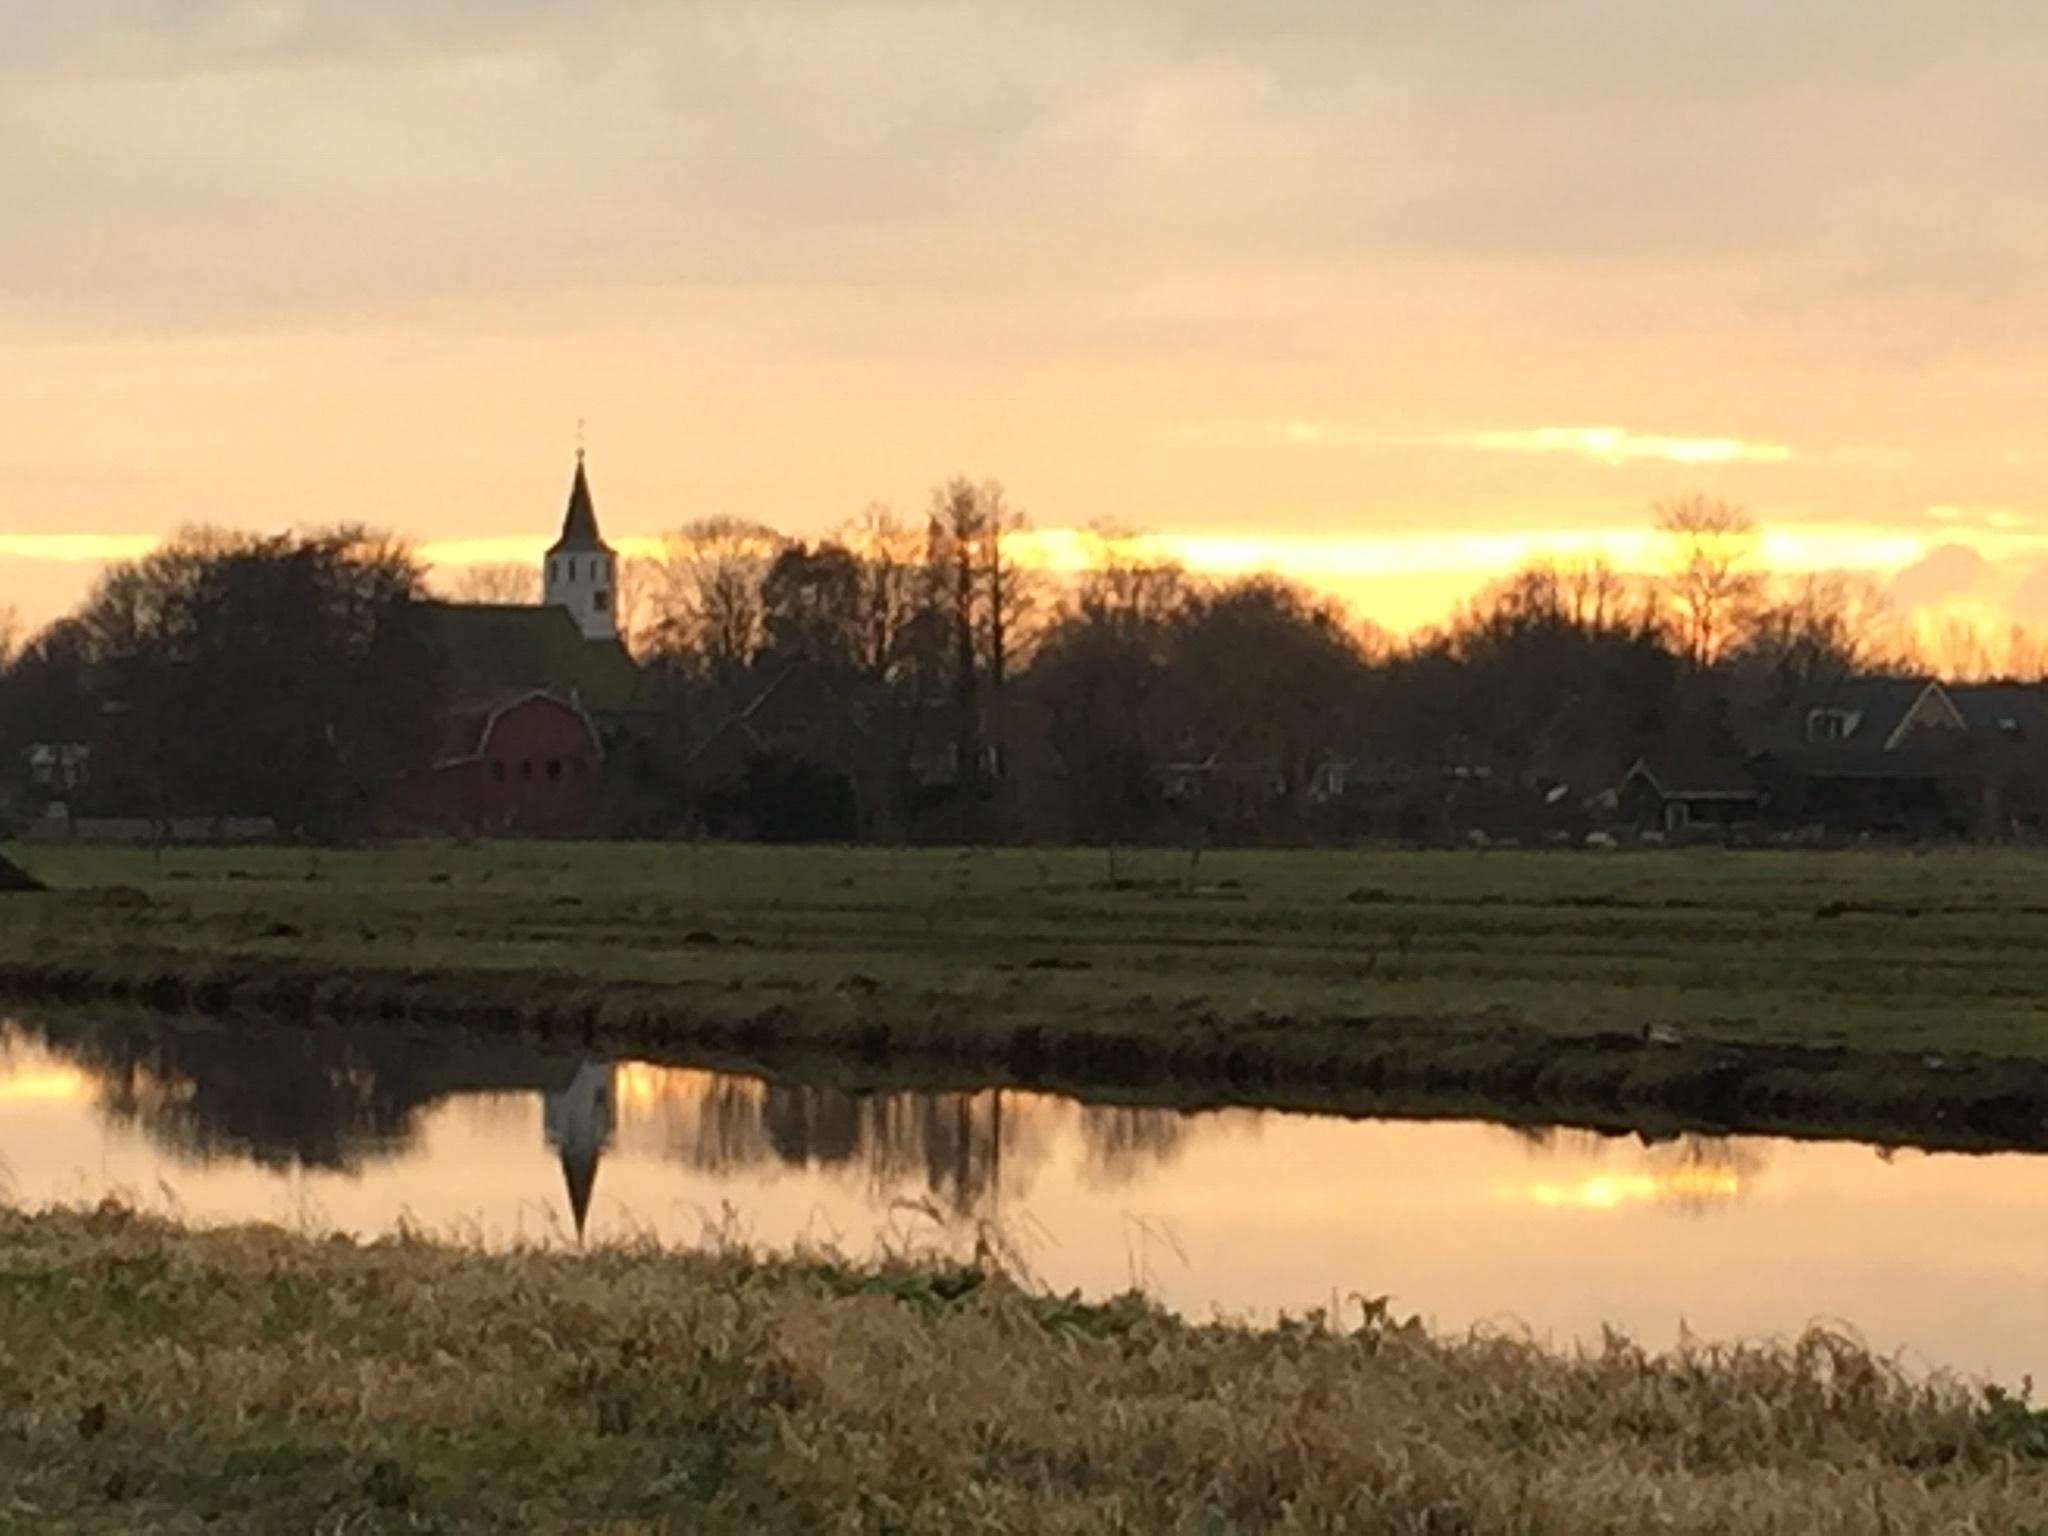 My town by Borg de Nobel